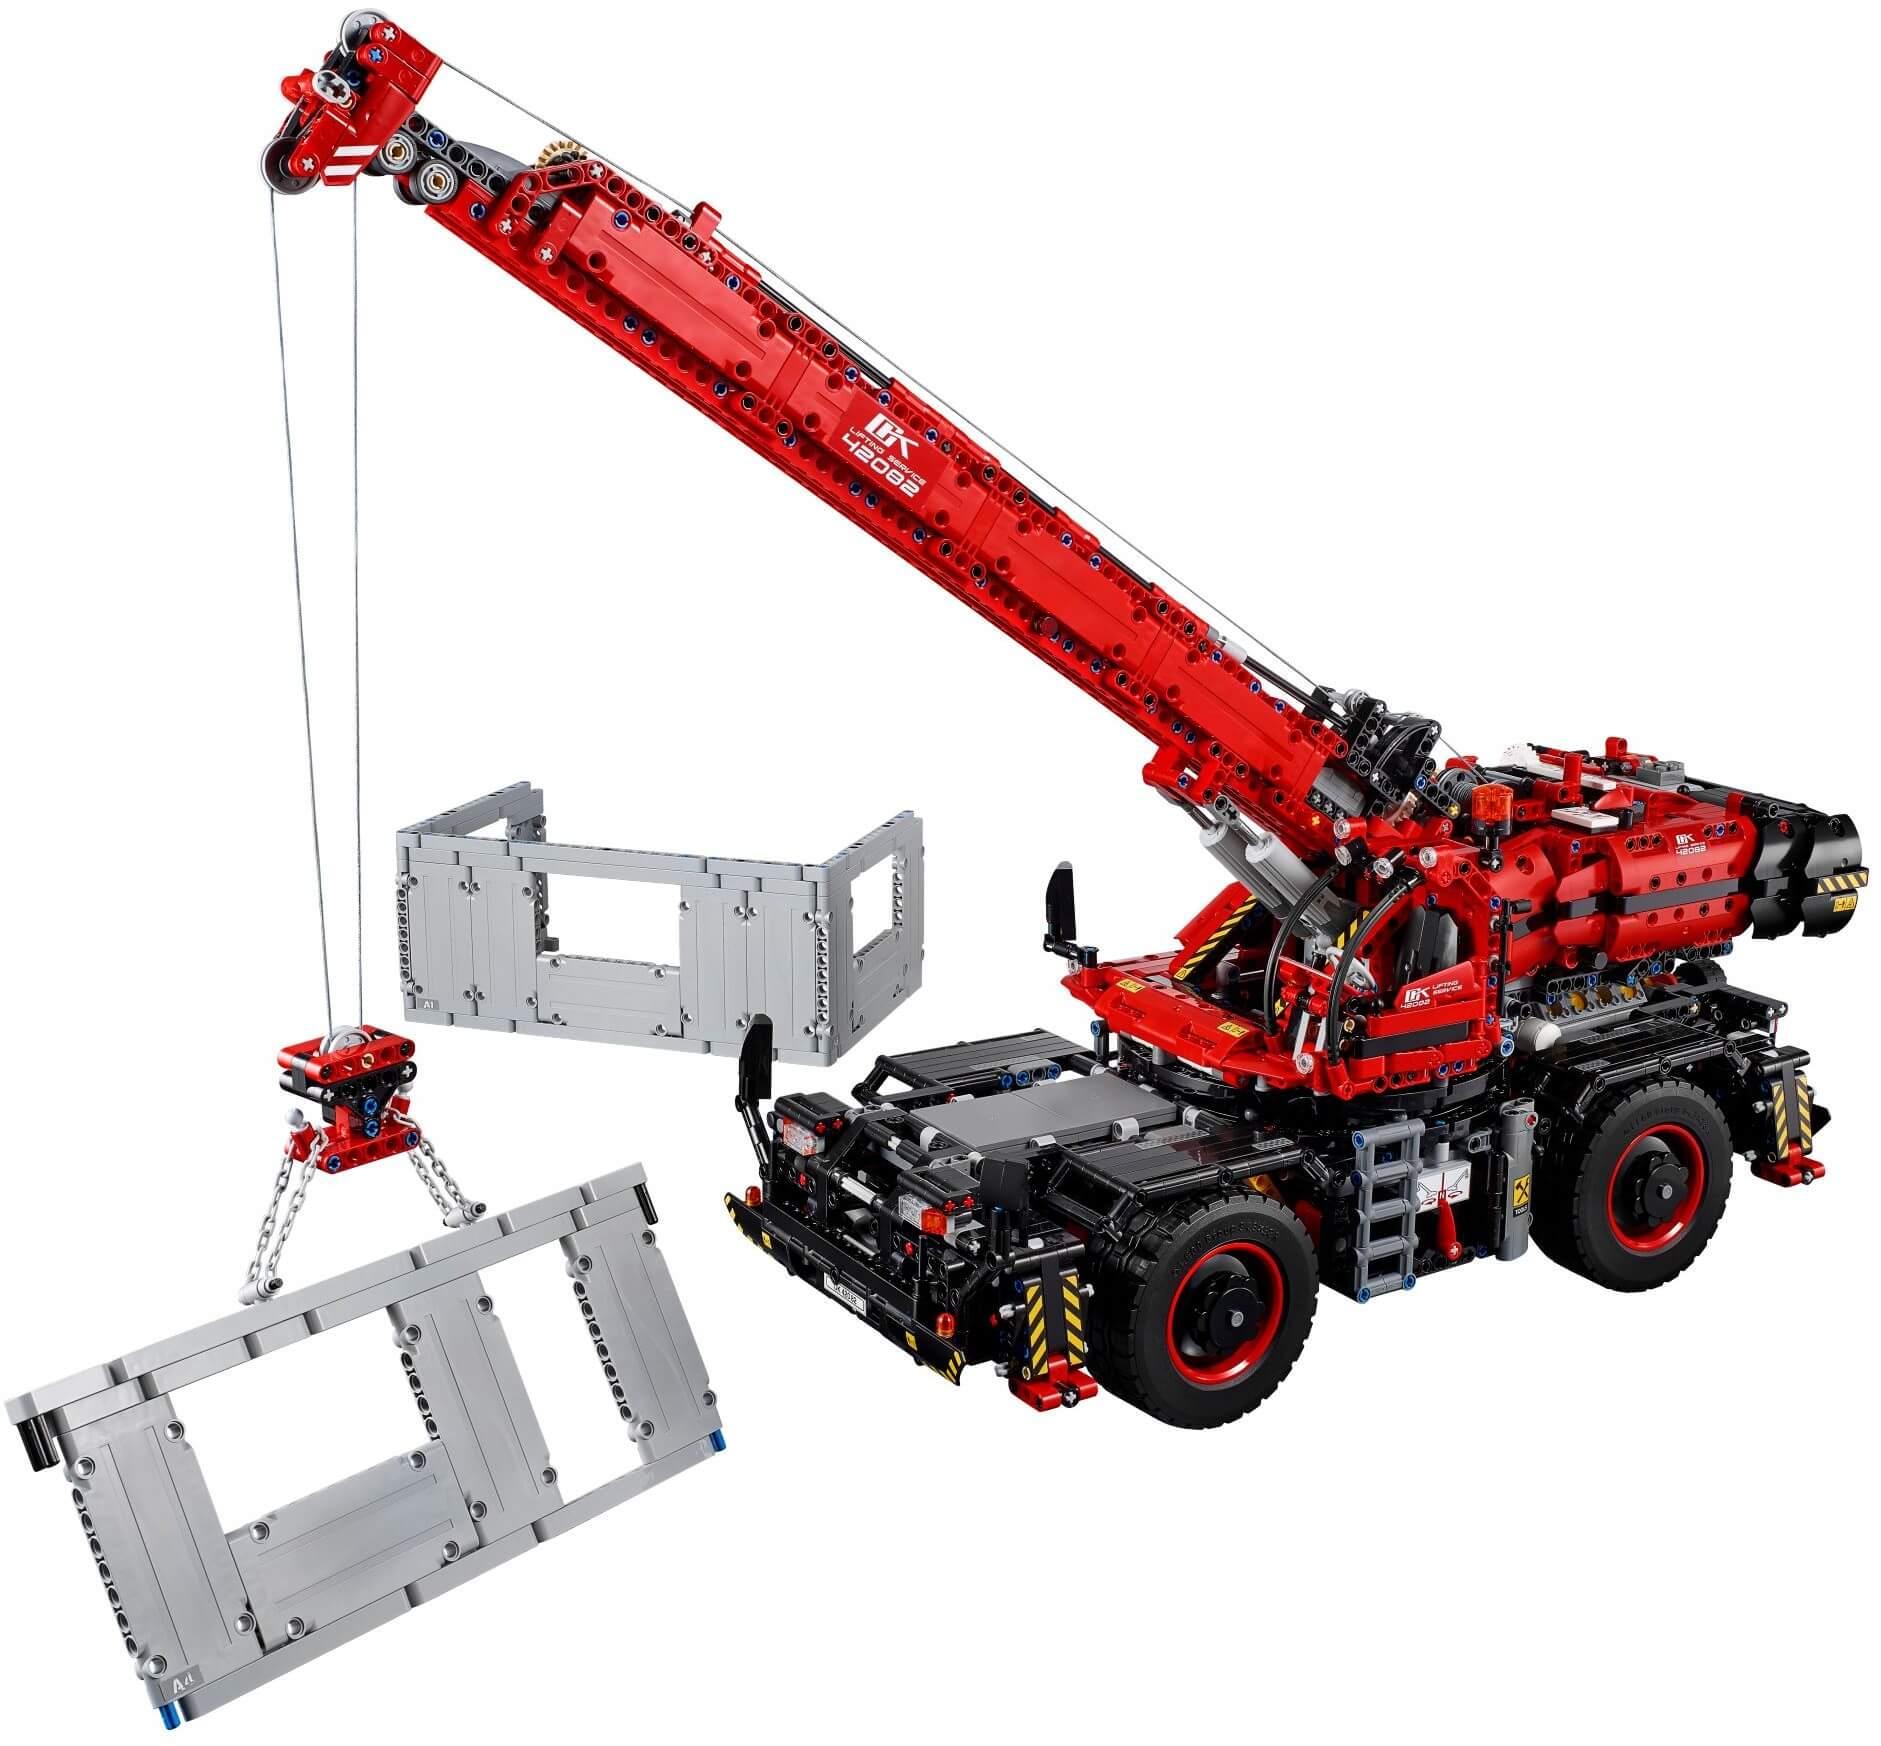 Mua đồ chơi LEGO 42082 - LEGO Technic 42082 - Xe Cẩu Hạng Nặng gắn Động Cơ (LEGO 42082 Rough Terrain Crane)